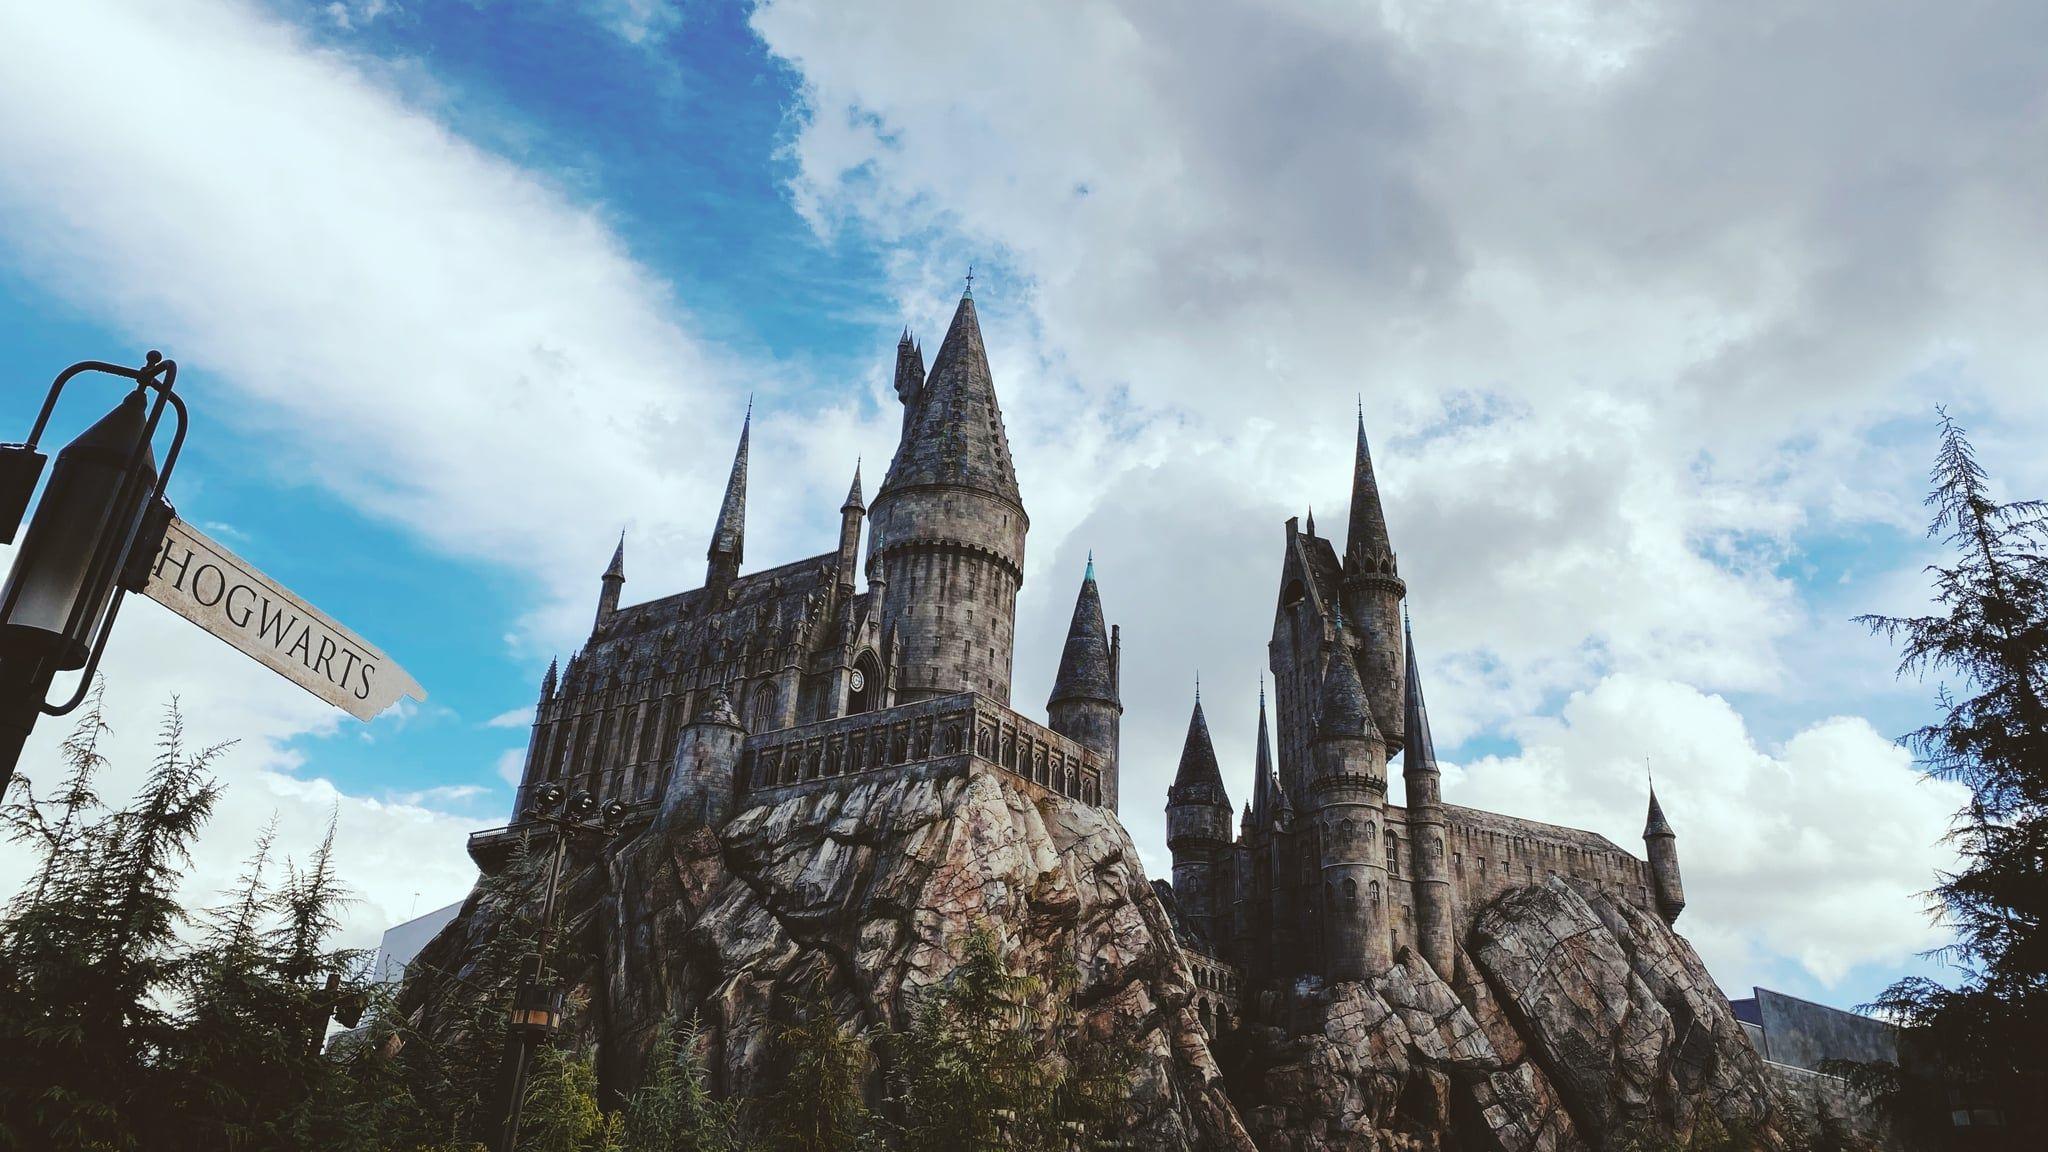 Harry Potter Hogwarts Zoom Background Hogwarts Harry Potter Movies Hogwarts Orlando